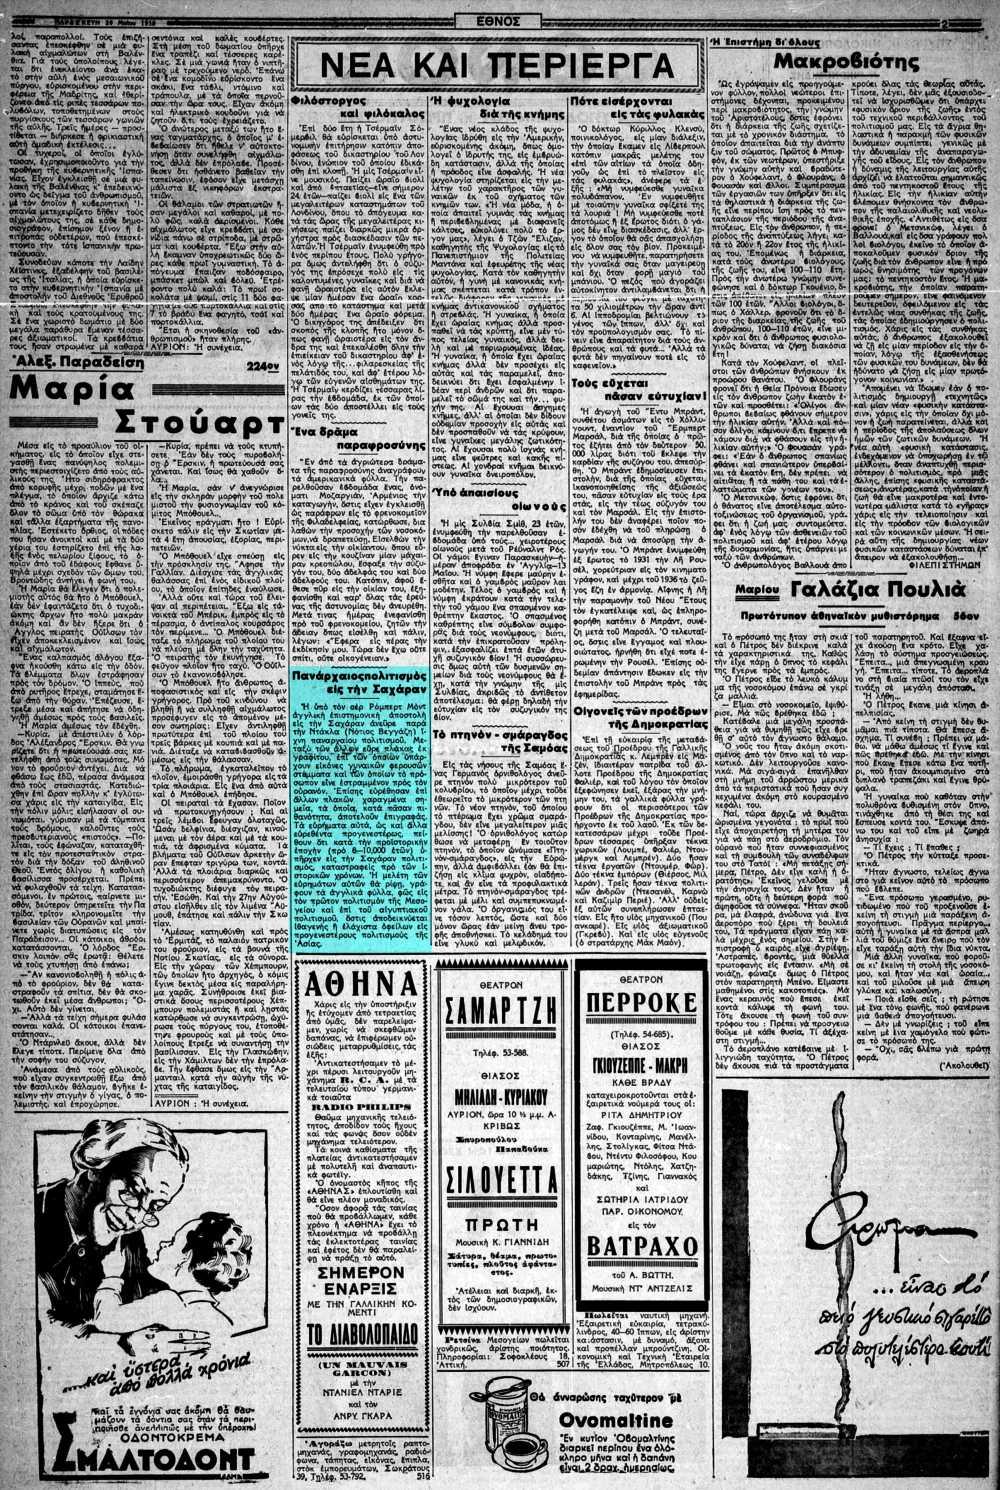 """Το άρθρο, όπως δημοσιεύθηκε στην εφημερίδα """"ΕΘΝΟΣ"""", στις 20/05/1938"""